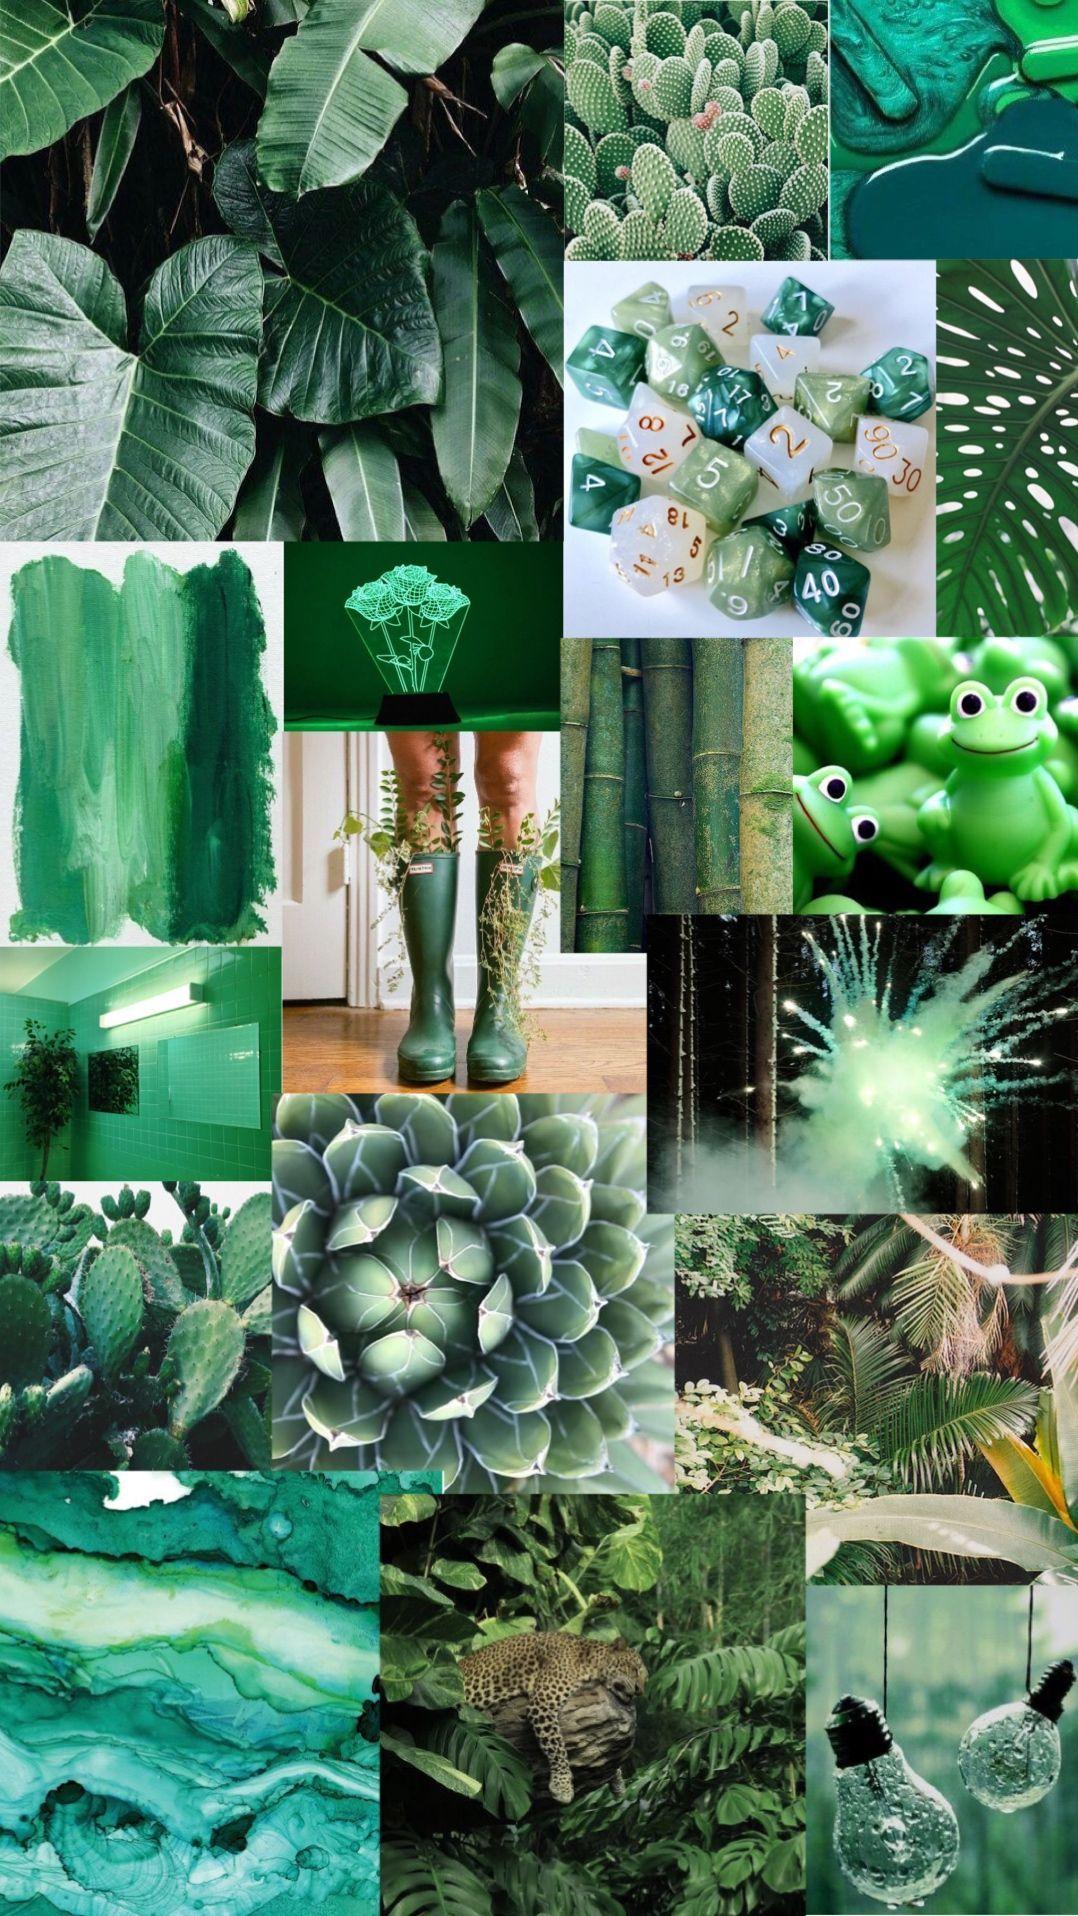 1078x1916 nền thẩm mỹ màu xanh lá cây.  Thẩm mỹ xanh, thẩm mỹ iphone